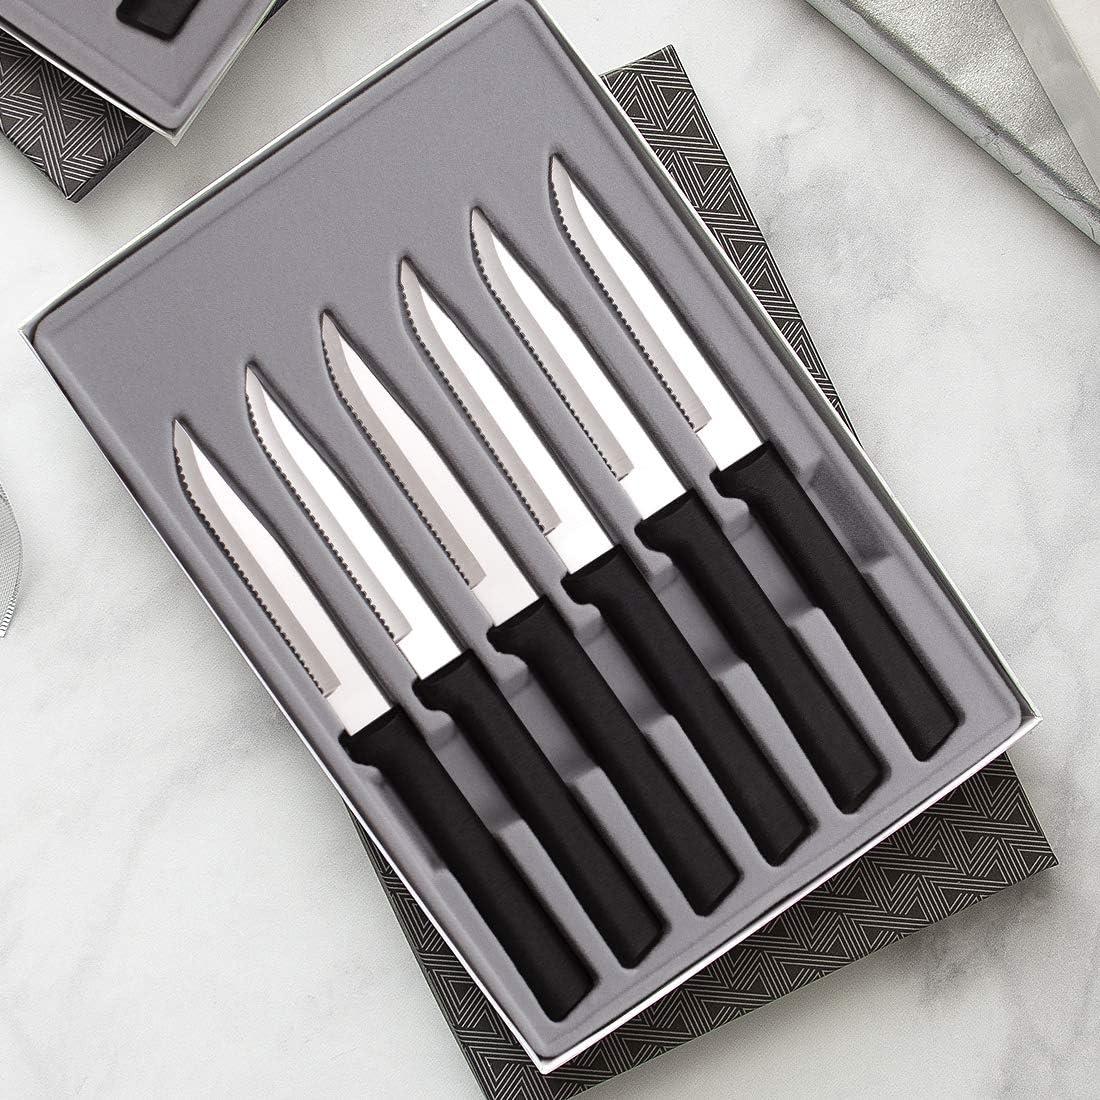 Is Rada Cutlery Really Good?